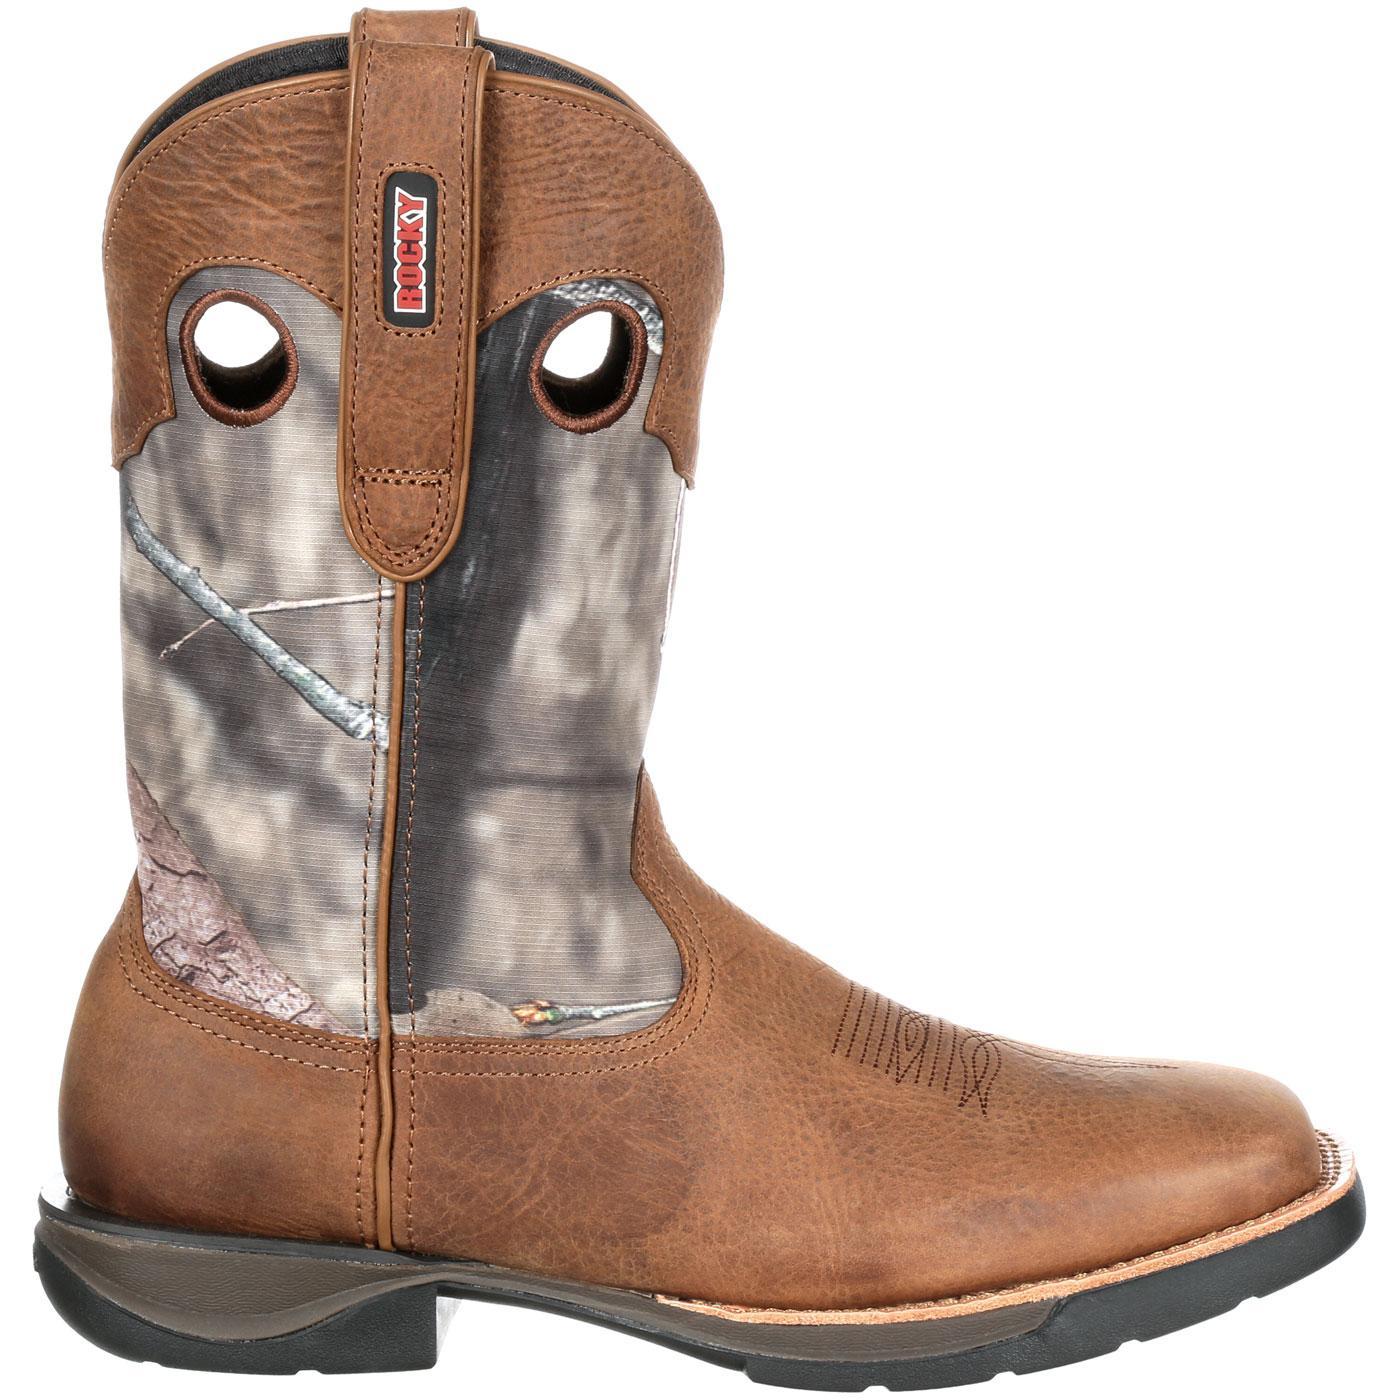 ab6e2f8aa4c Rocky LT Waterproof Camo Western Boot